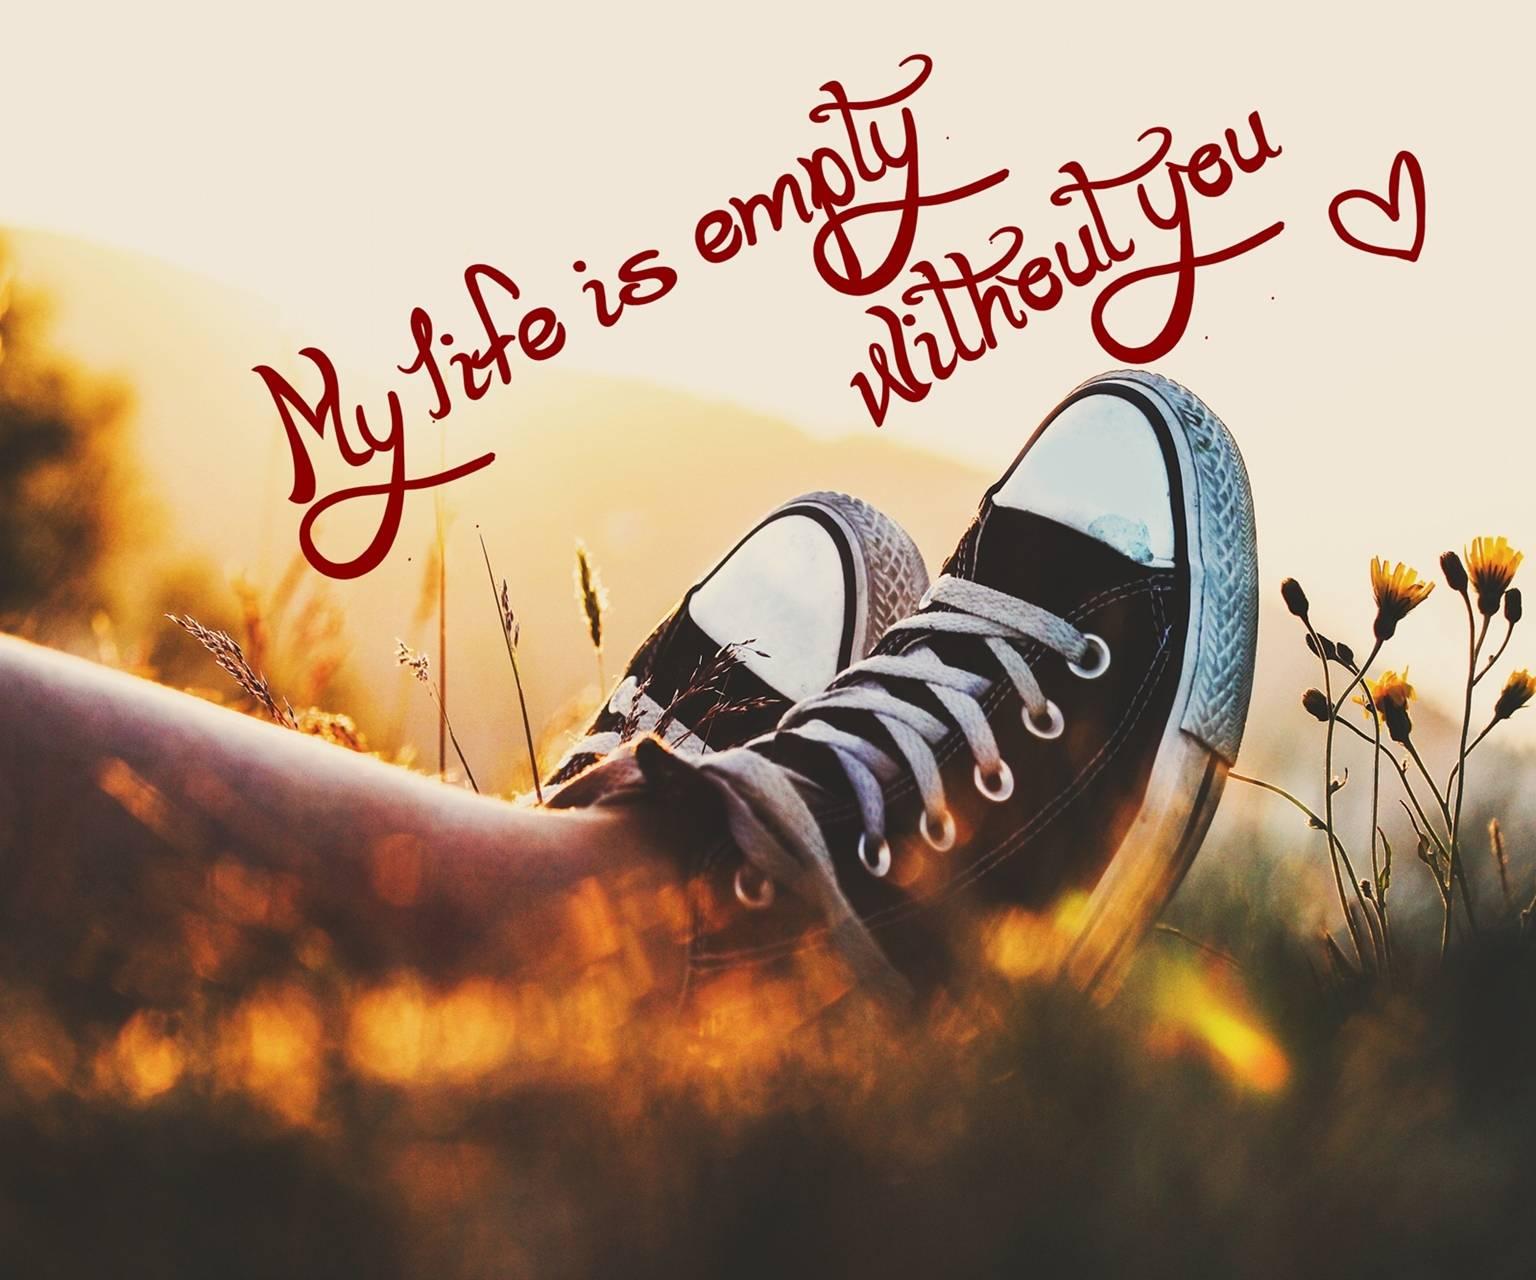 my lifes empty